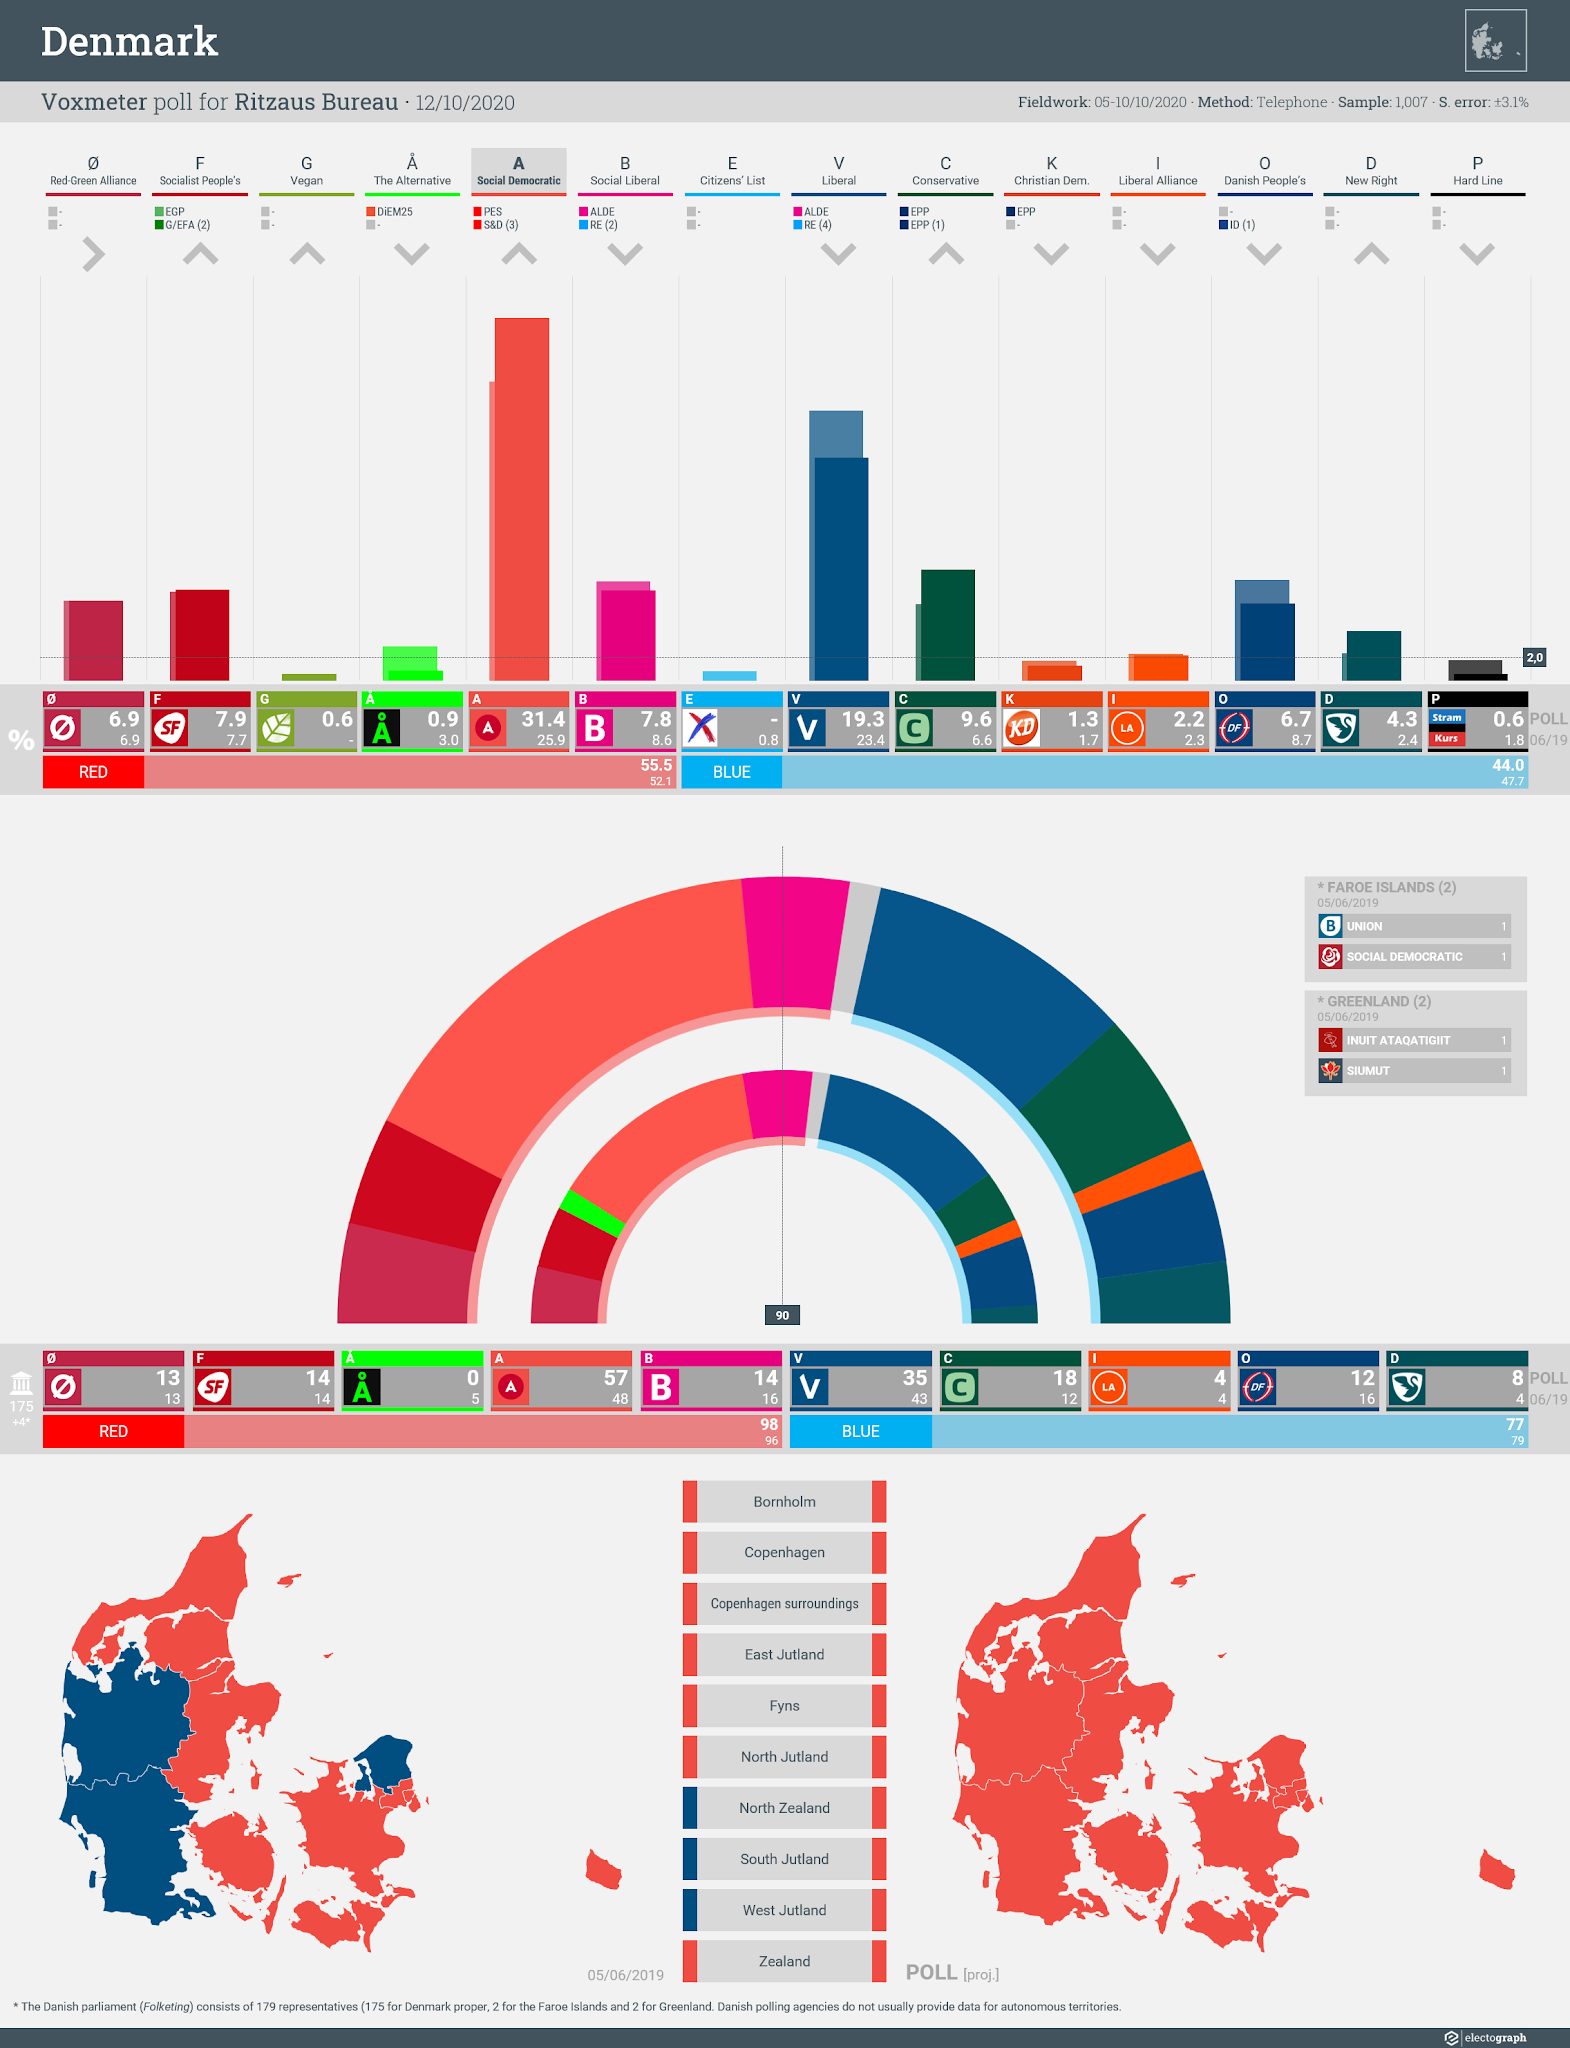 DENMARK: Voxmeter poll chart for Ritzaus Bureau, 12 October 2020